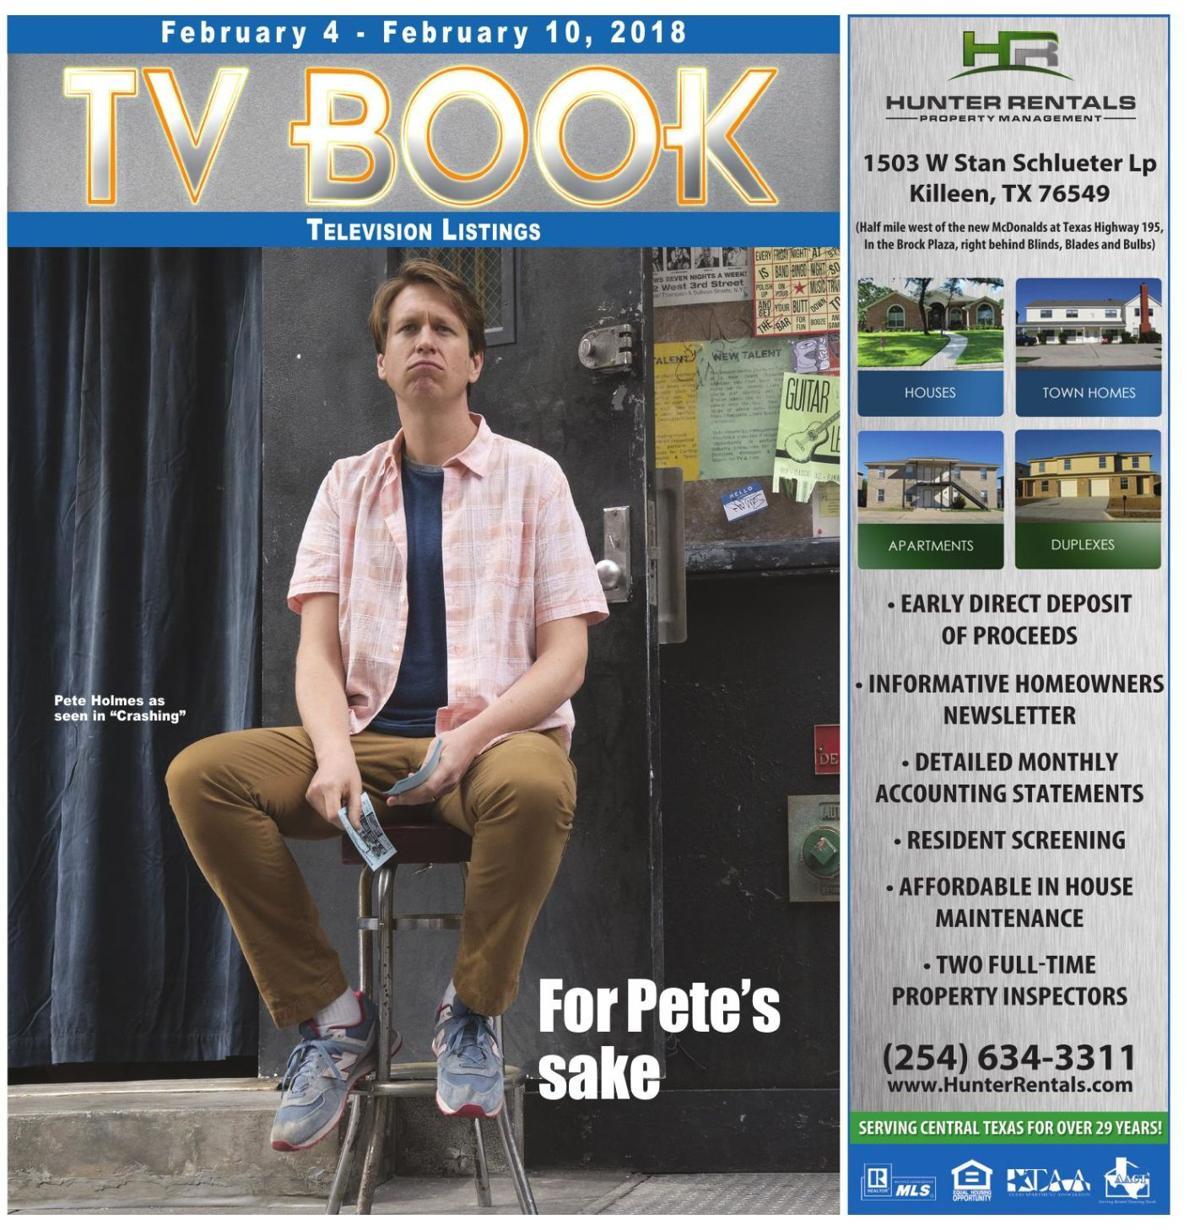 TV Book Feb. 4th-10th